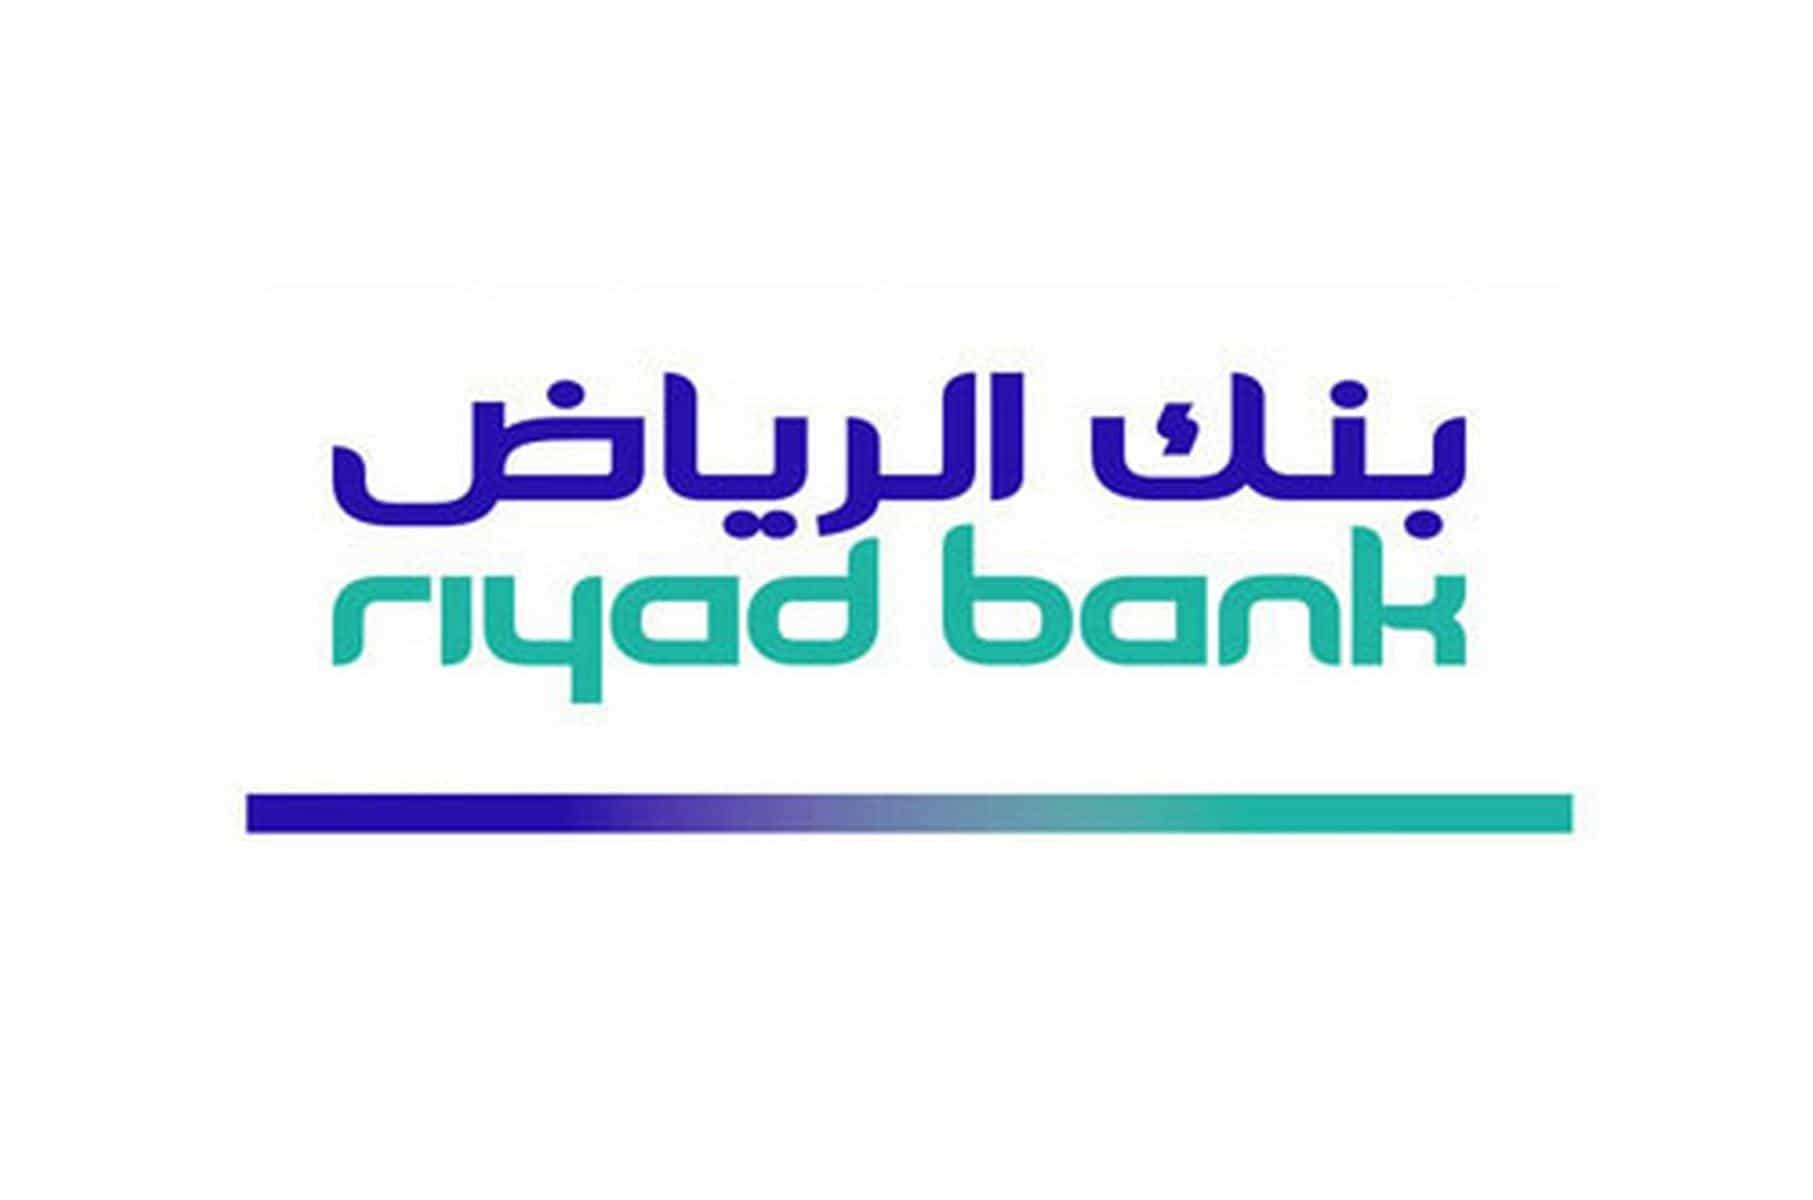 بنك الرياض تمويل شخصي بدون تحويل الراتب يصل الى 300.000 ريال وفترة سداد 5 سنوات